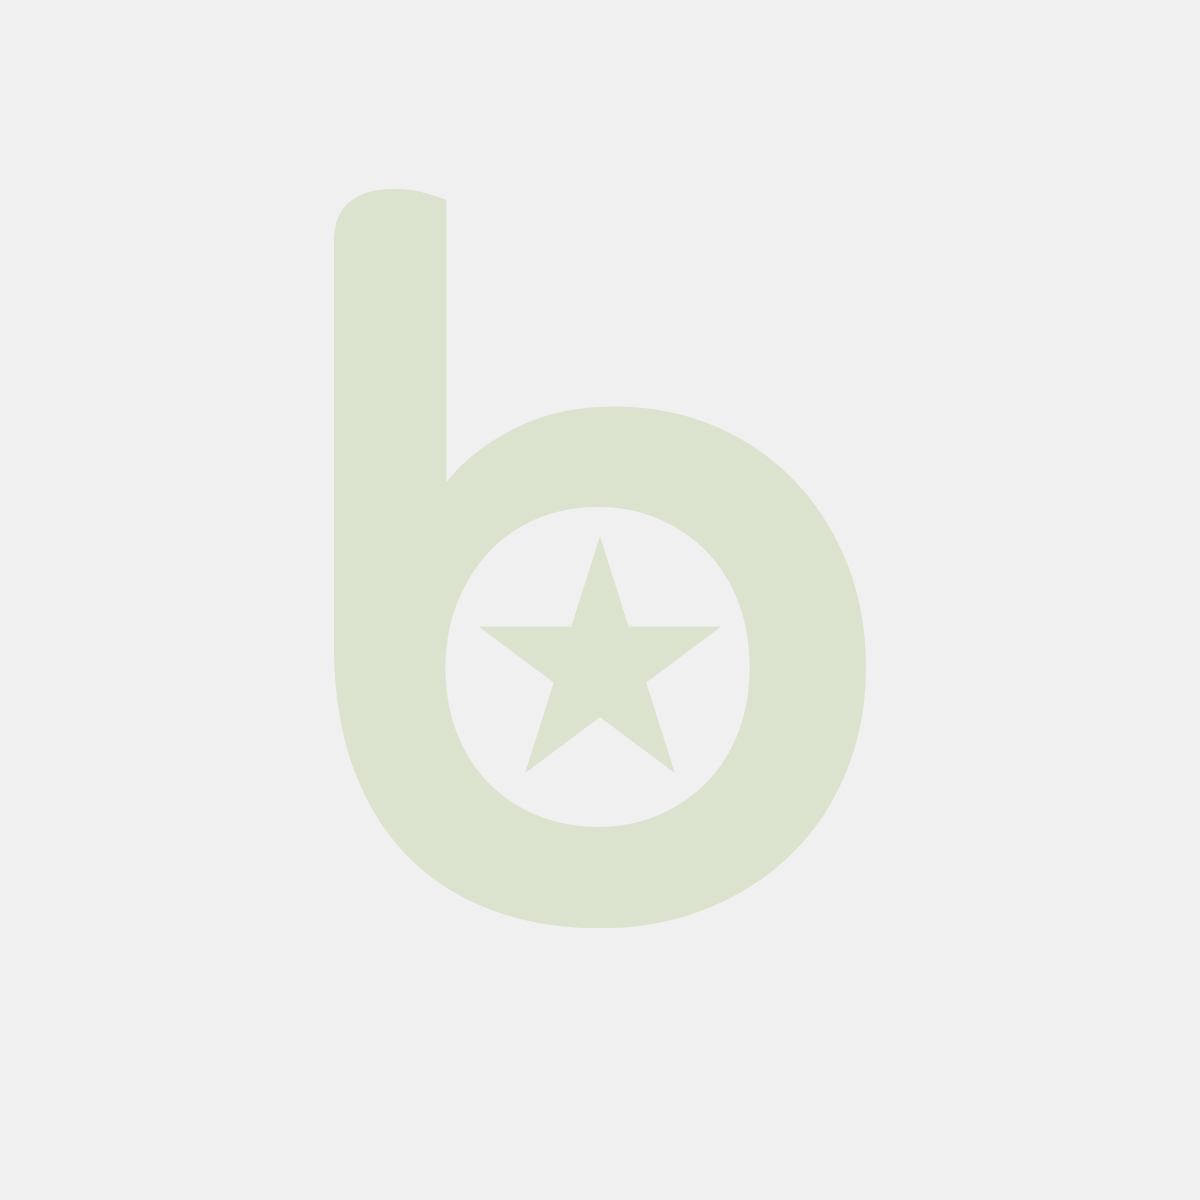 Profesjonalny, uniwersalny preparat do usuwania zabrudzeń kuchennych - kod 975152